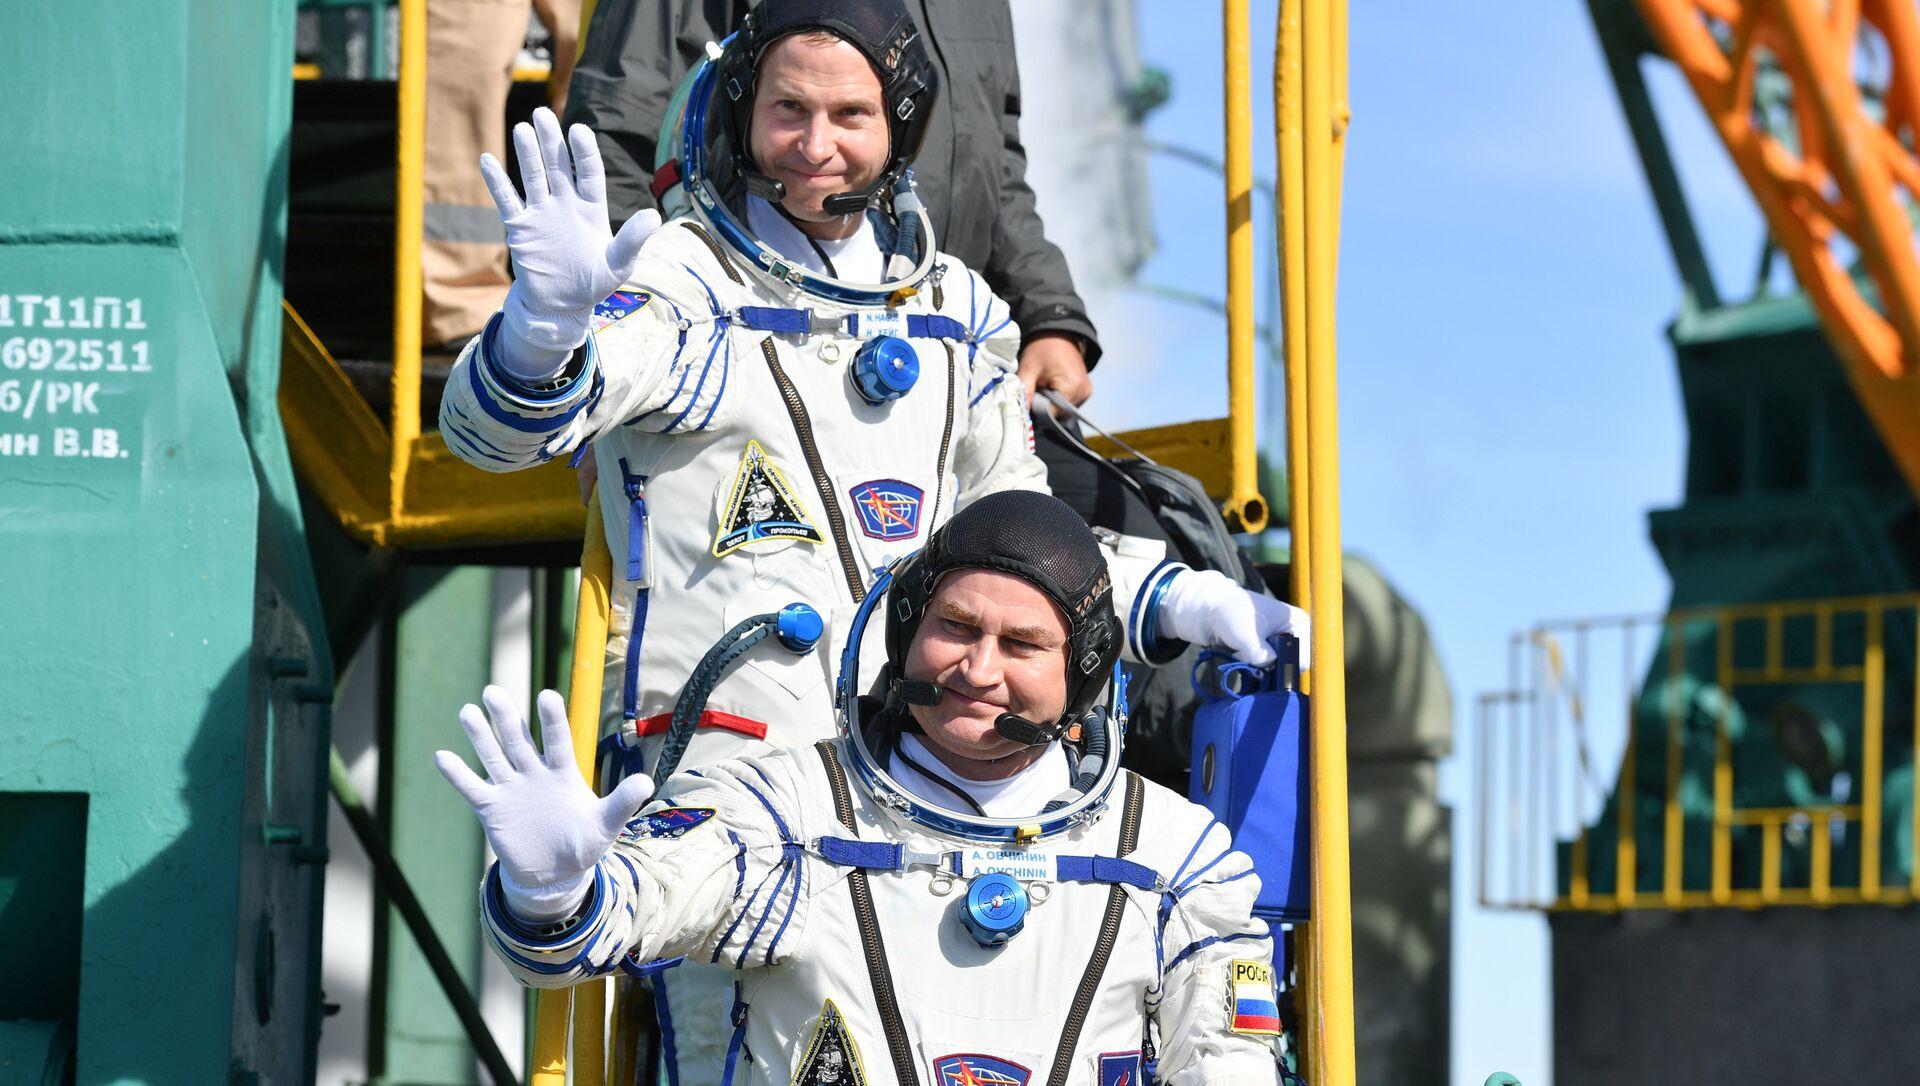 Kosmonauci Aleksej Owczinin i Nick Hague przed startem  - Sputnik Polska, 1920, 18.06.2021